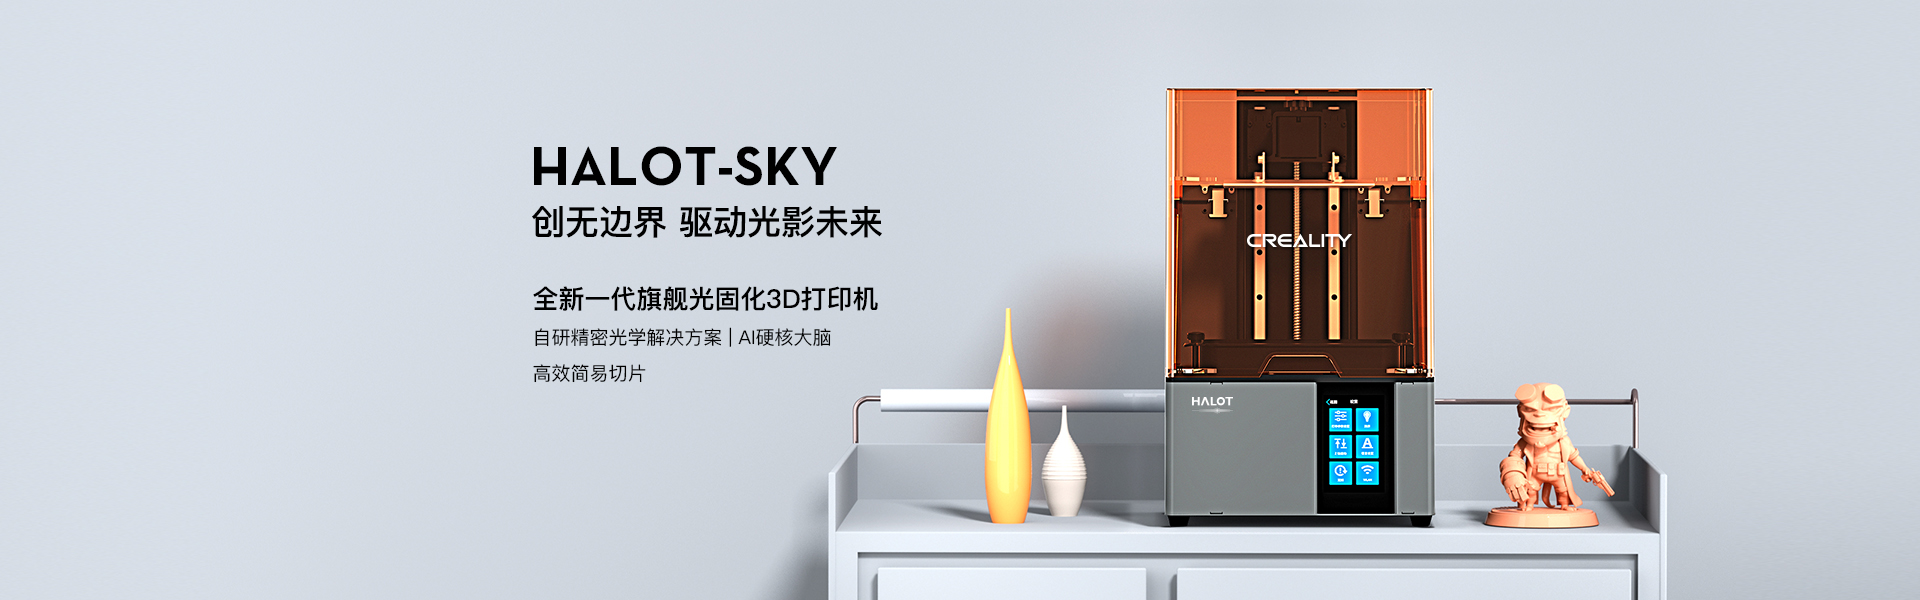 全新一代旗舰光固化3D打印机 HALOT-SKY